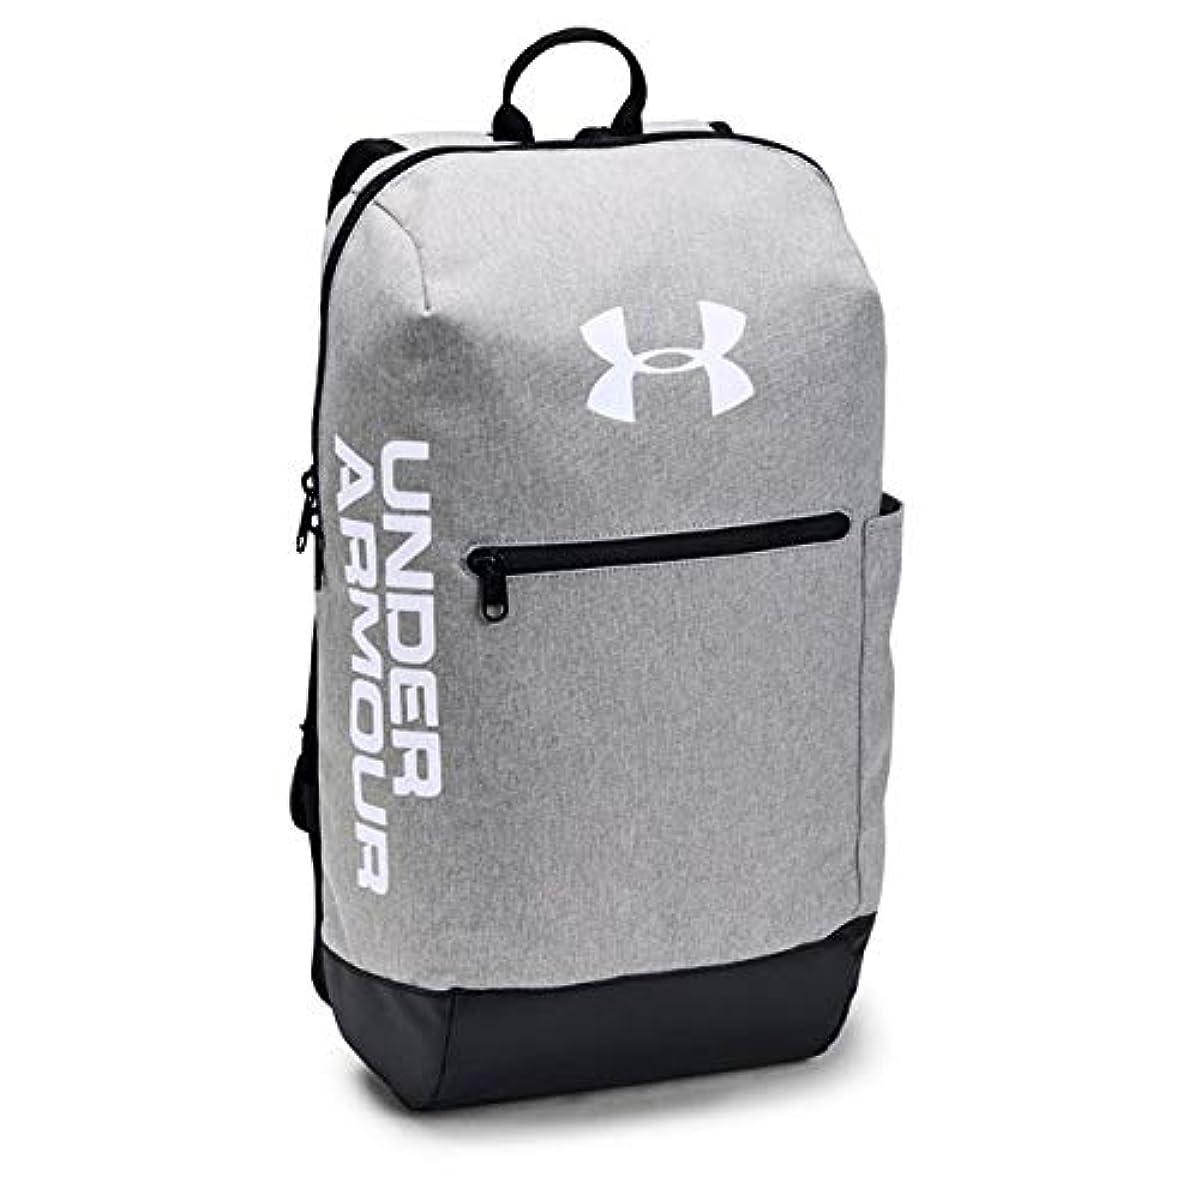 [해외] 언더아머 UA 패터슨 스포츠 백팩 가방